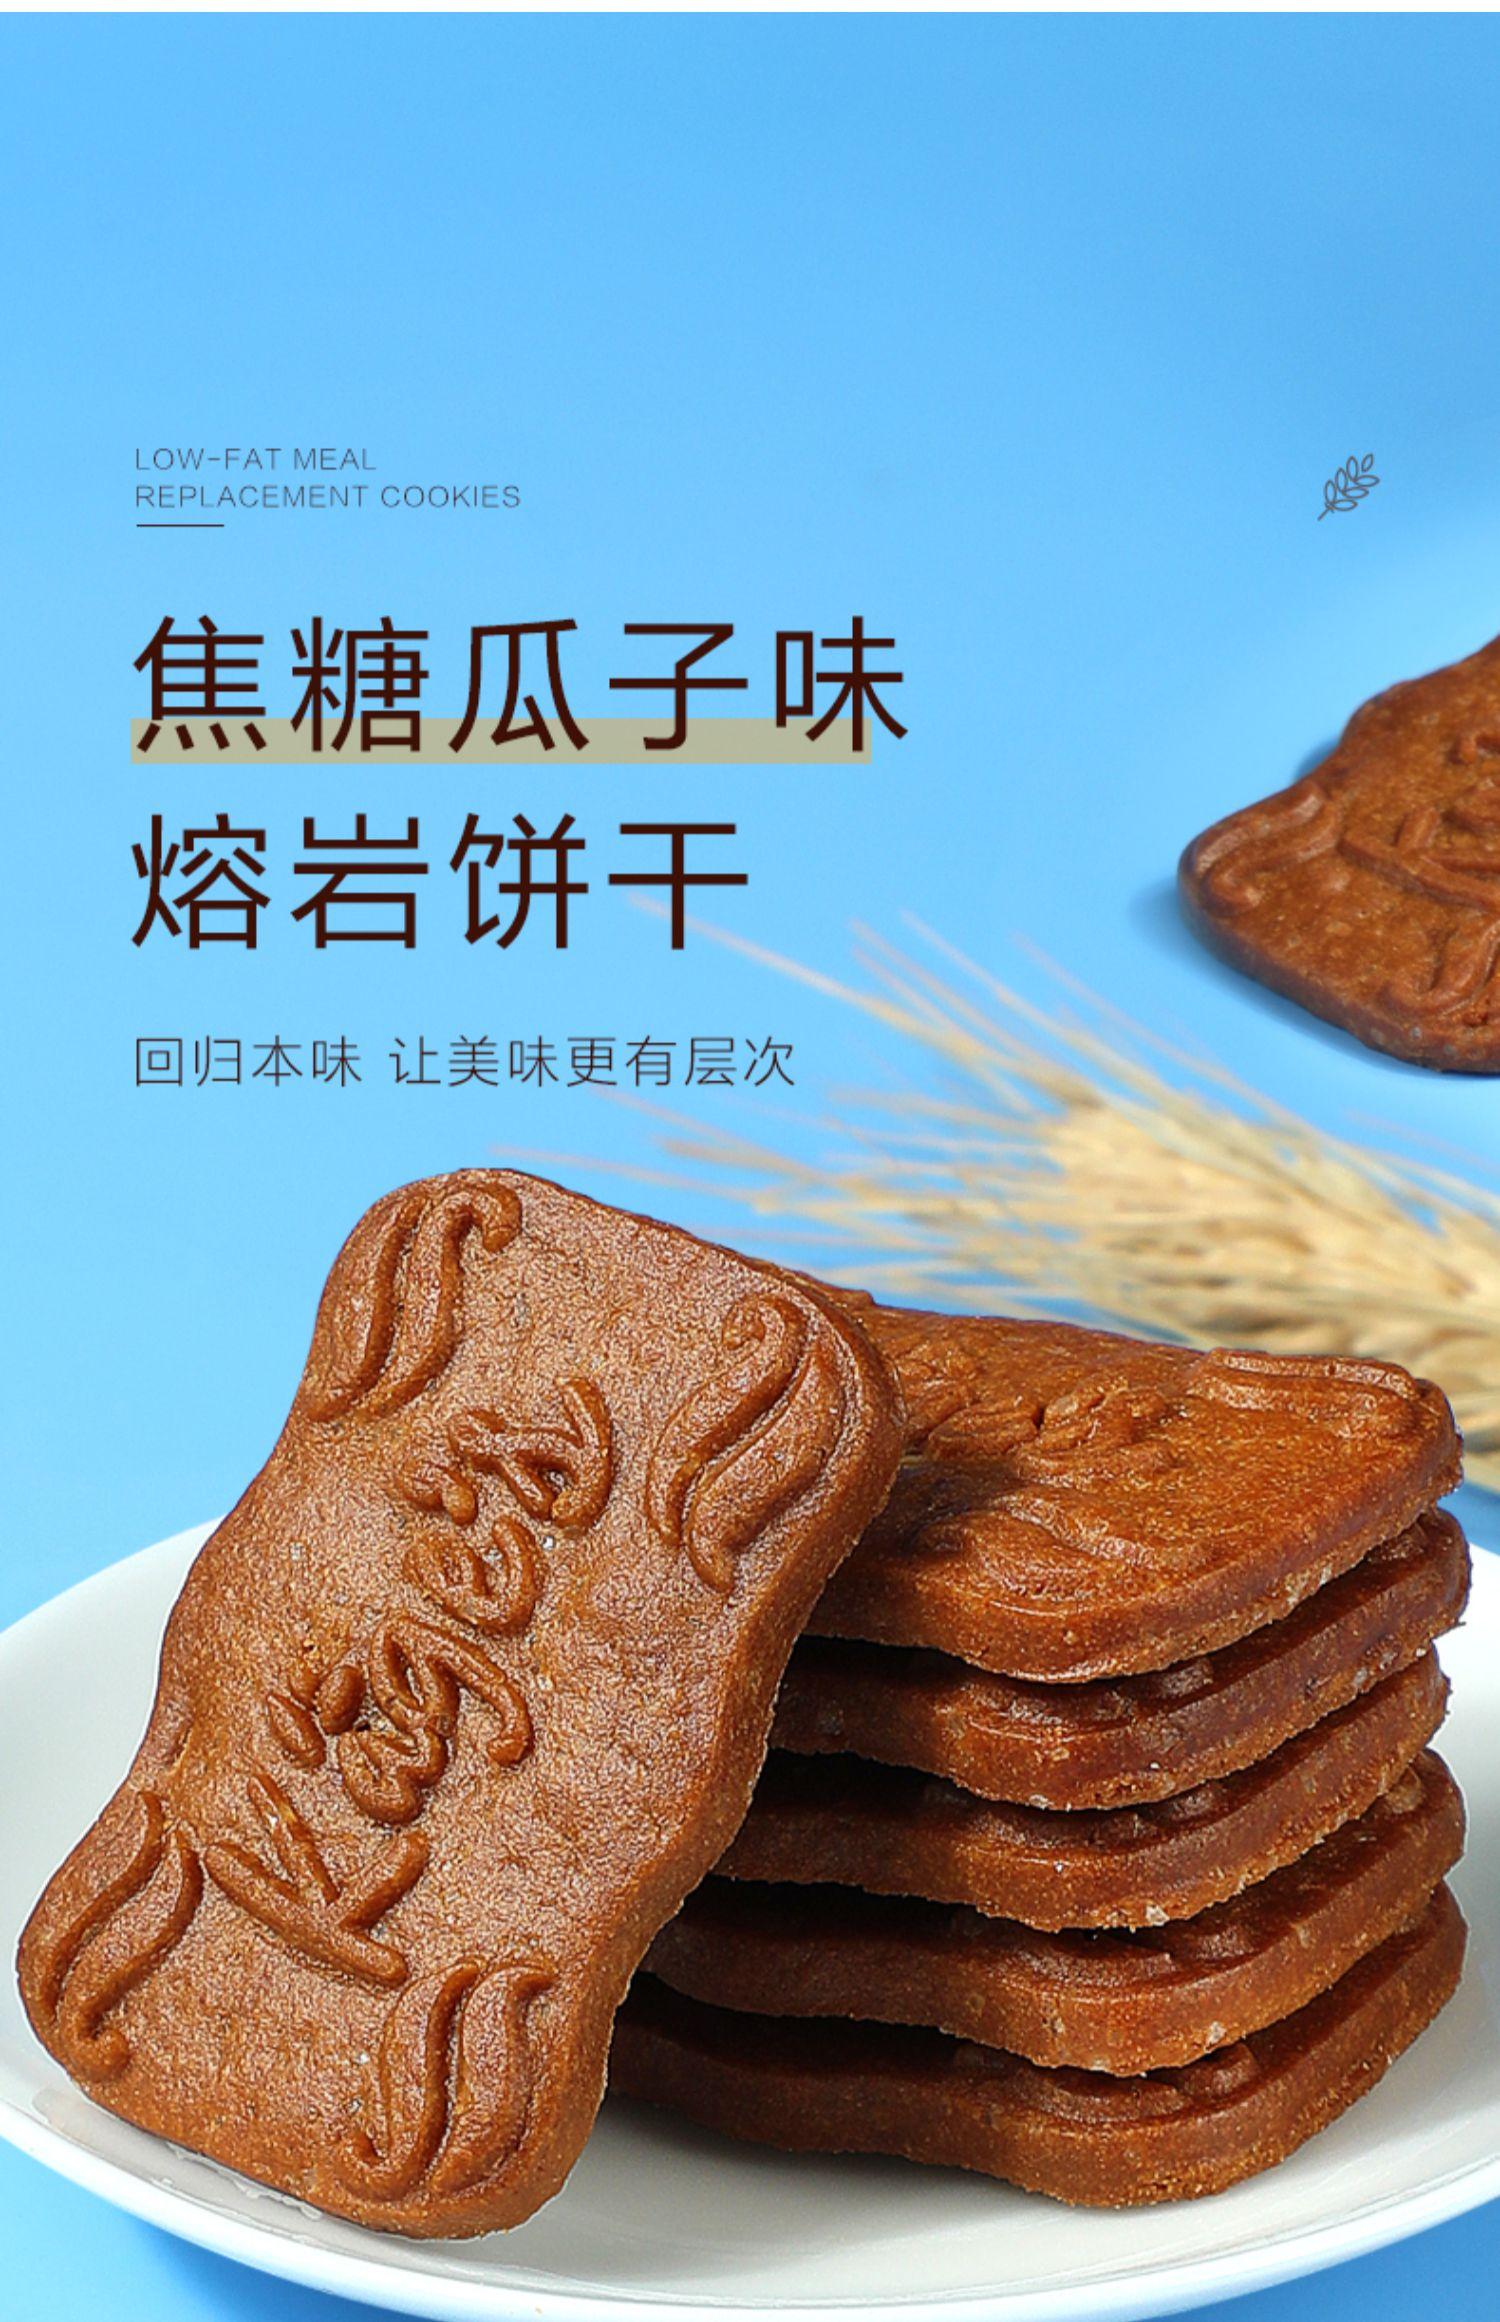 【百花妃】焦糖饼干308g盒装